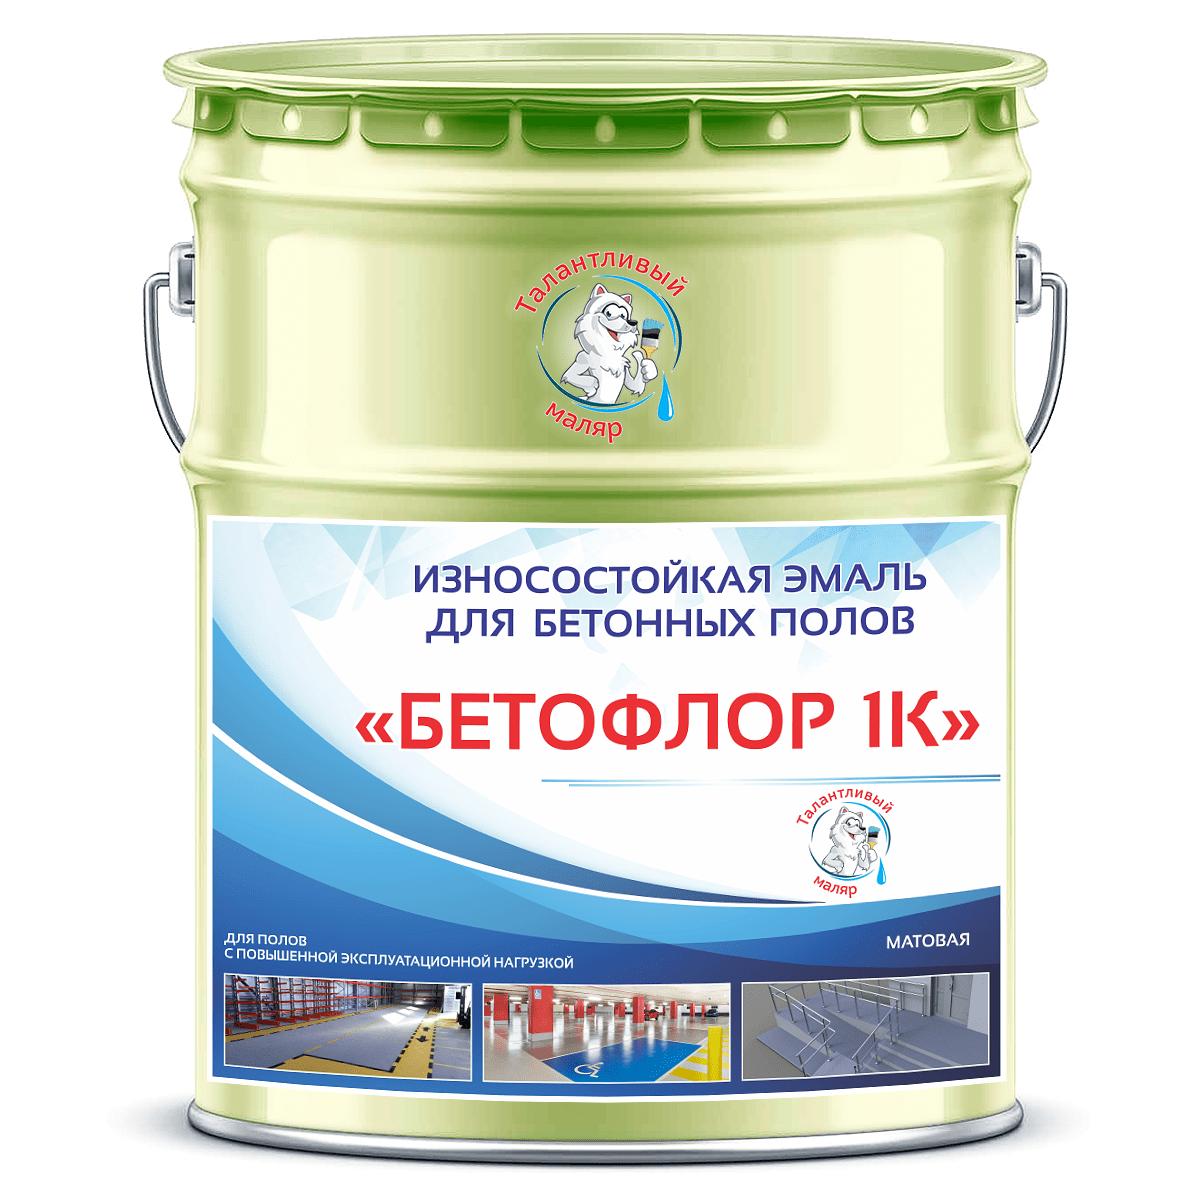 """Фото 20 - BF6019 Эмаль для бетонных полов """"Бетофлор"""" 1К цвет RAL 6019 Бело-зелёный, матовая износостойкая, 25 кг """"Талантливый Маляр""""."""